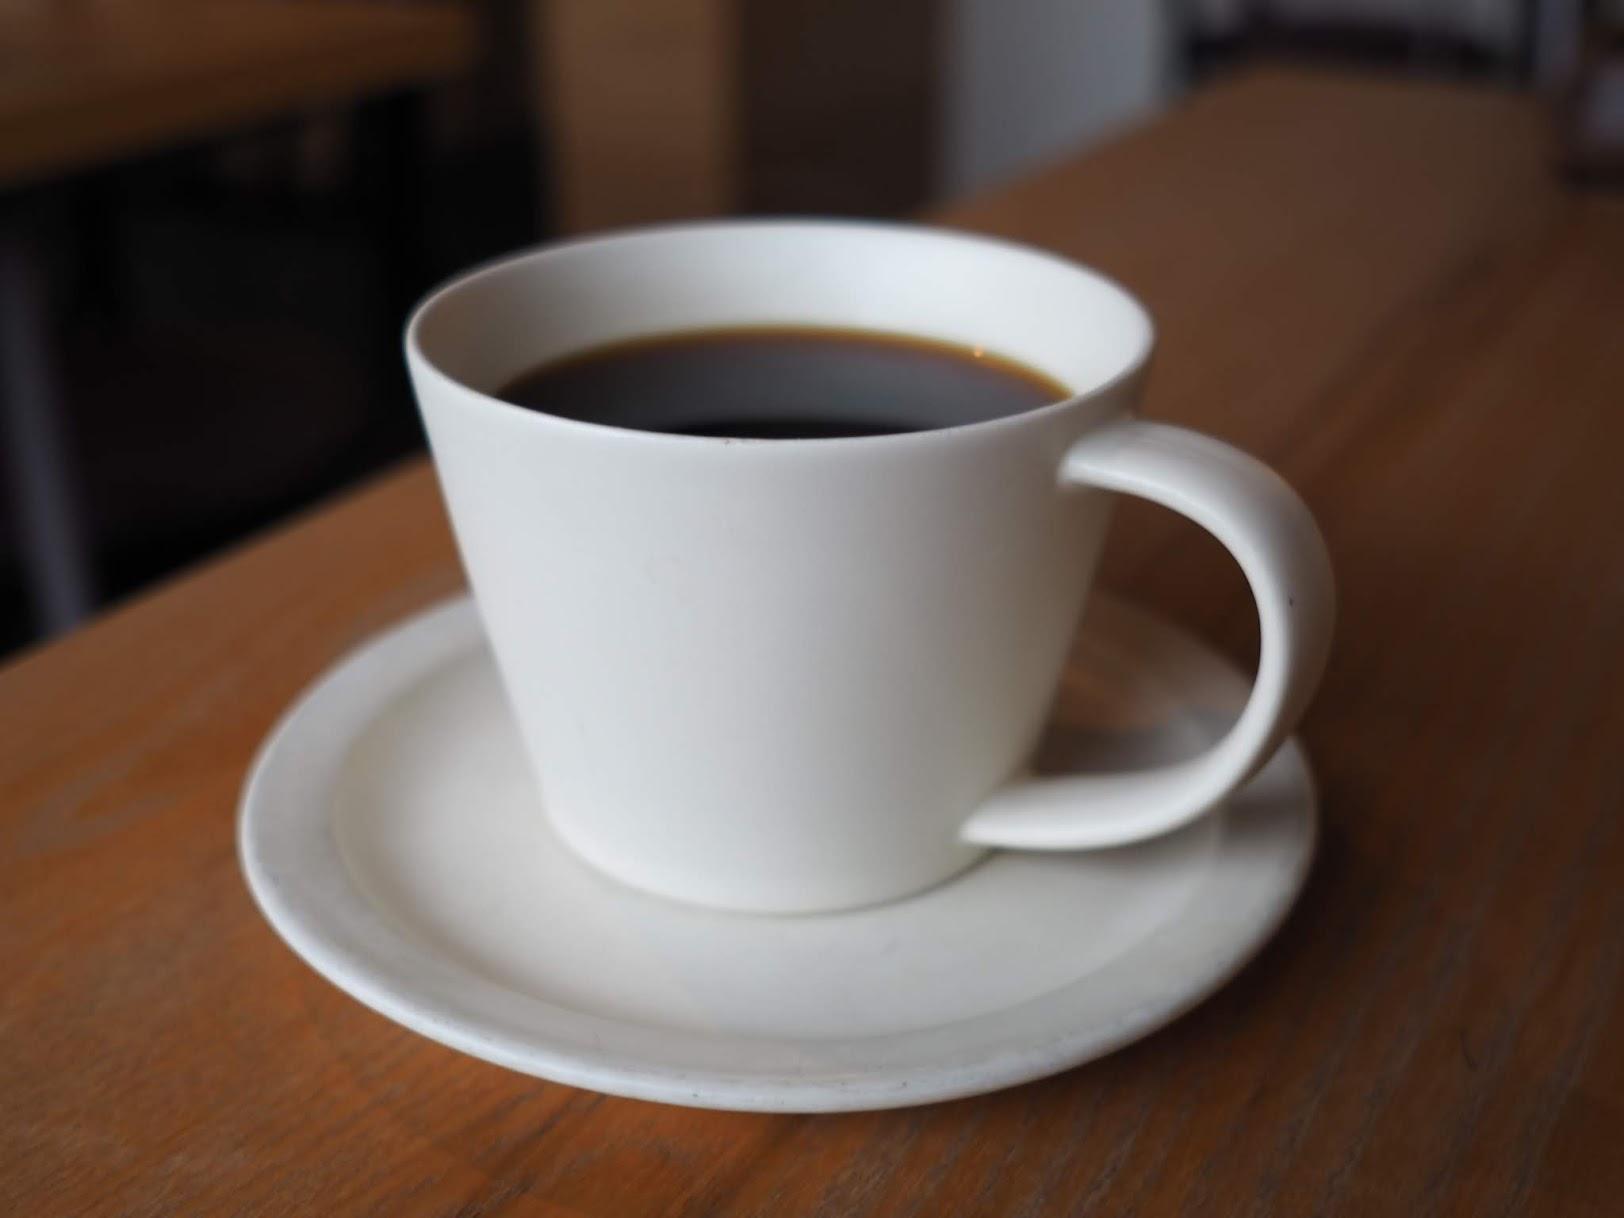 SAKUZANマグで提供されるコーヒー